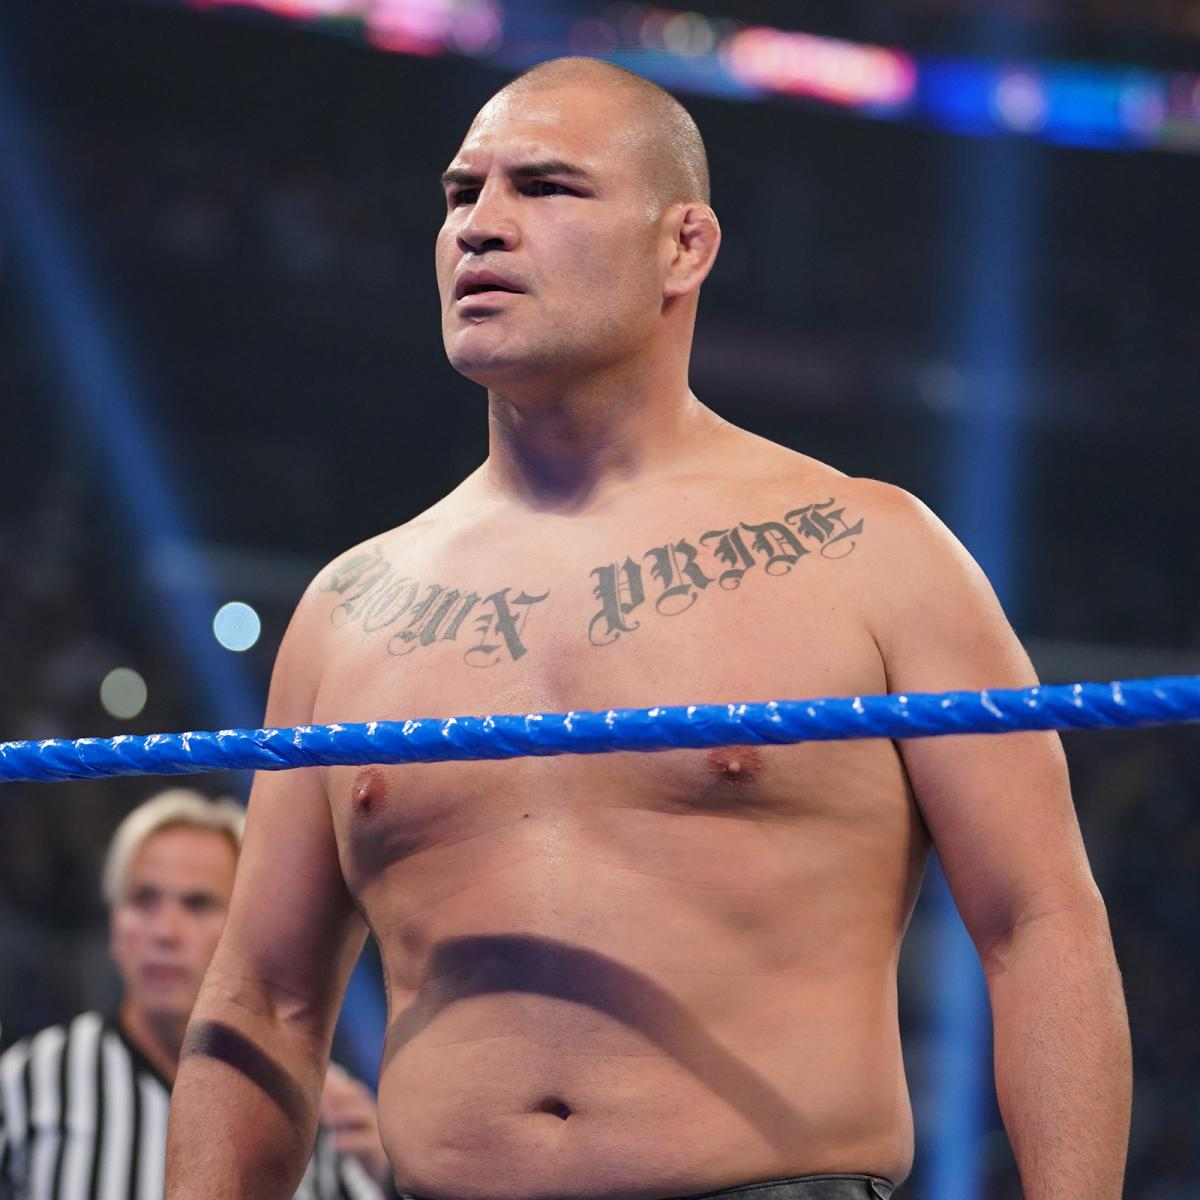 Caín Velásquez en WWE Caín Velásquez debuta en WWE atacando a Brock Lesnar (04/10/2019) / WWE